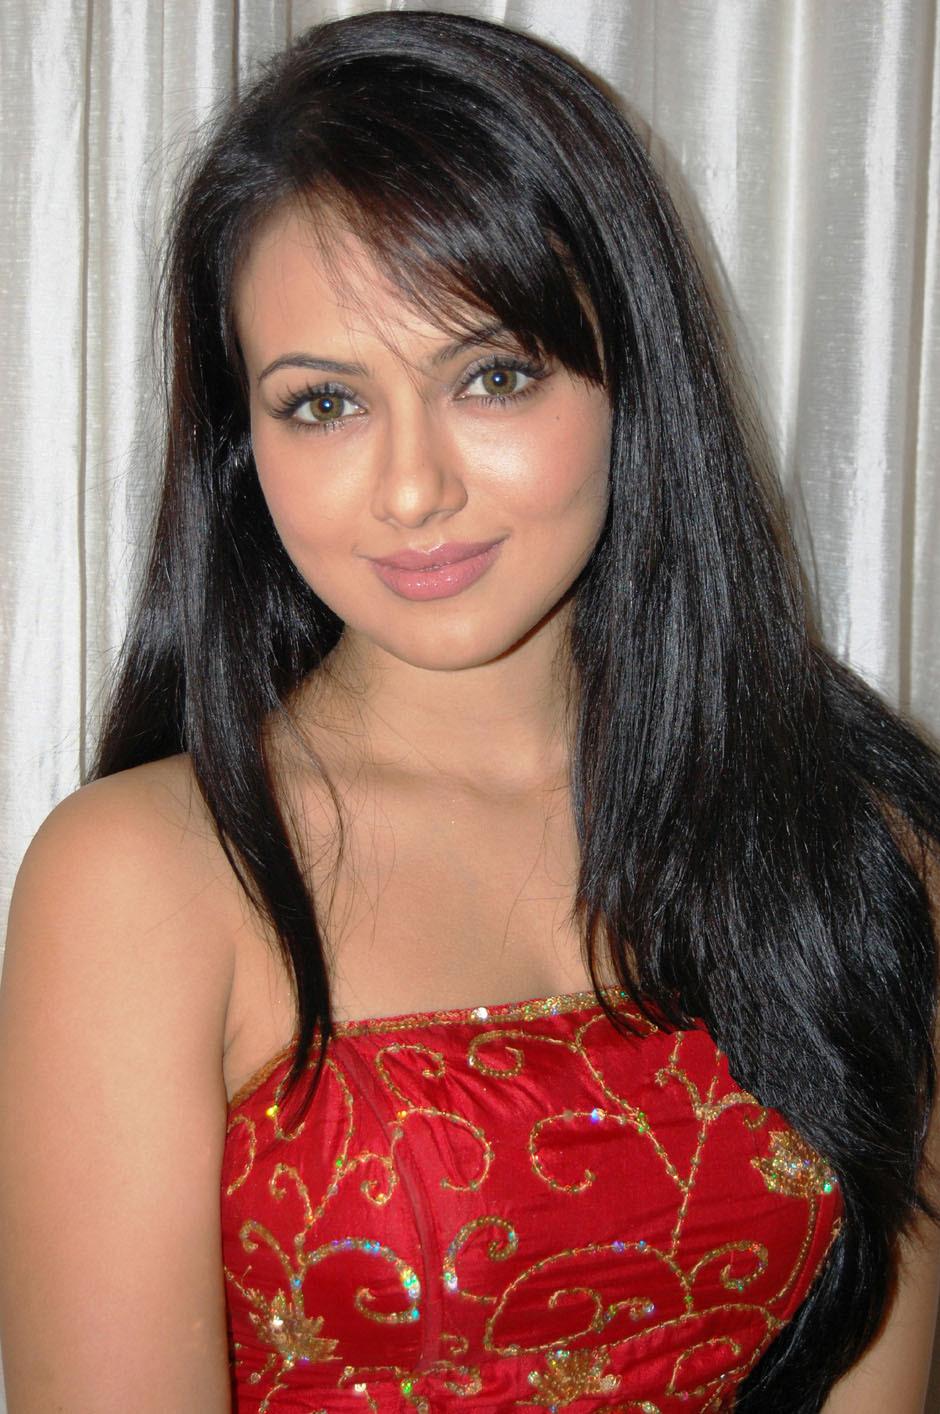 Sana khan face photos